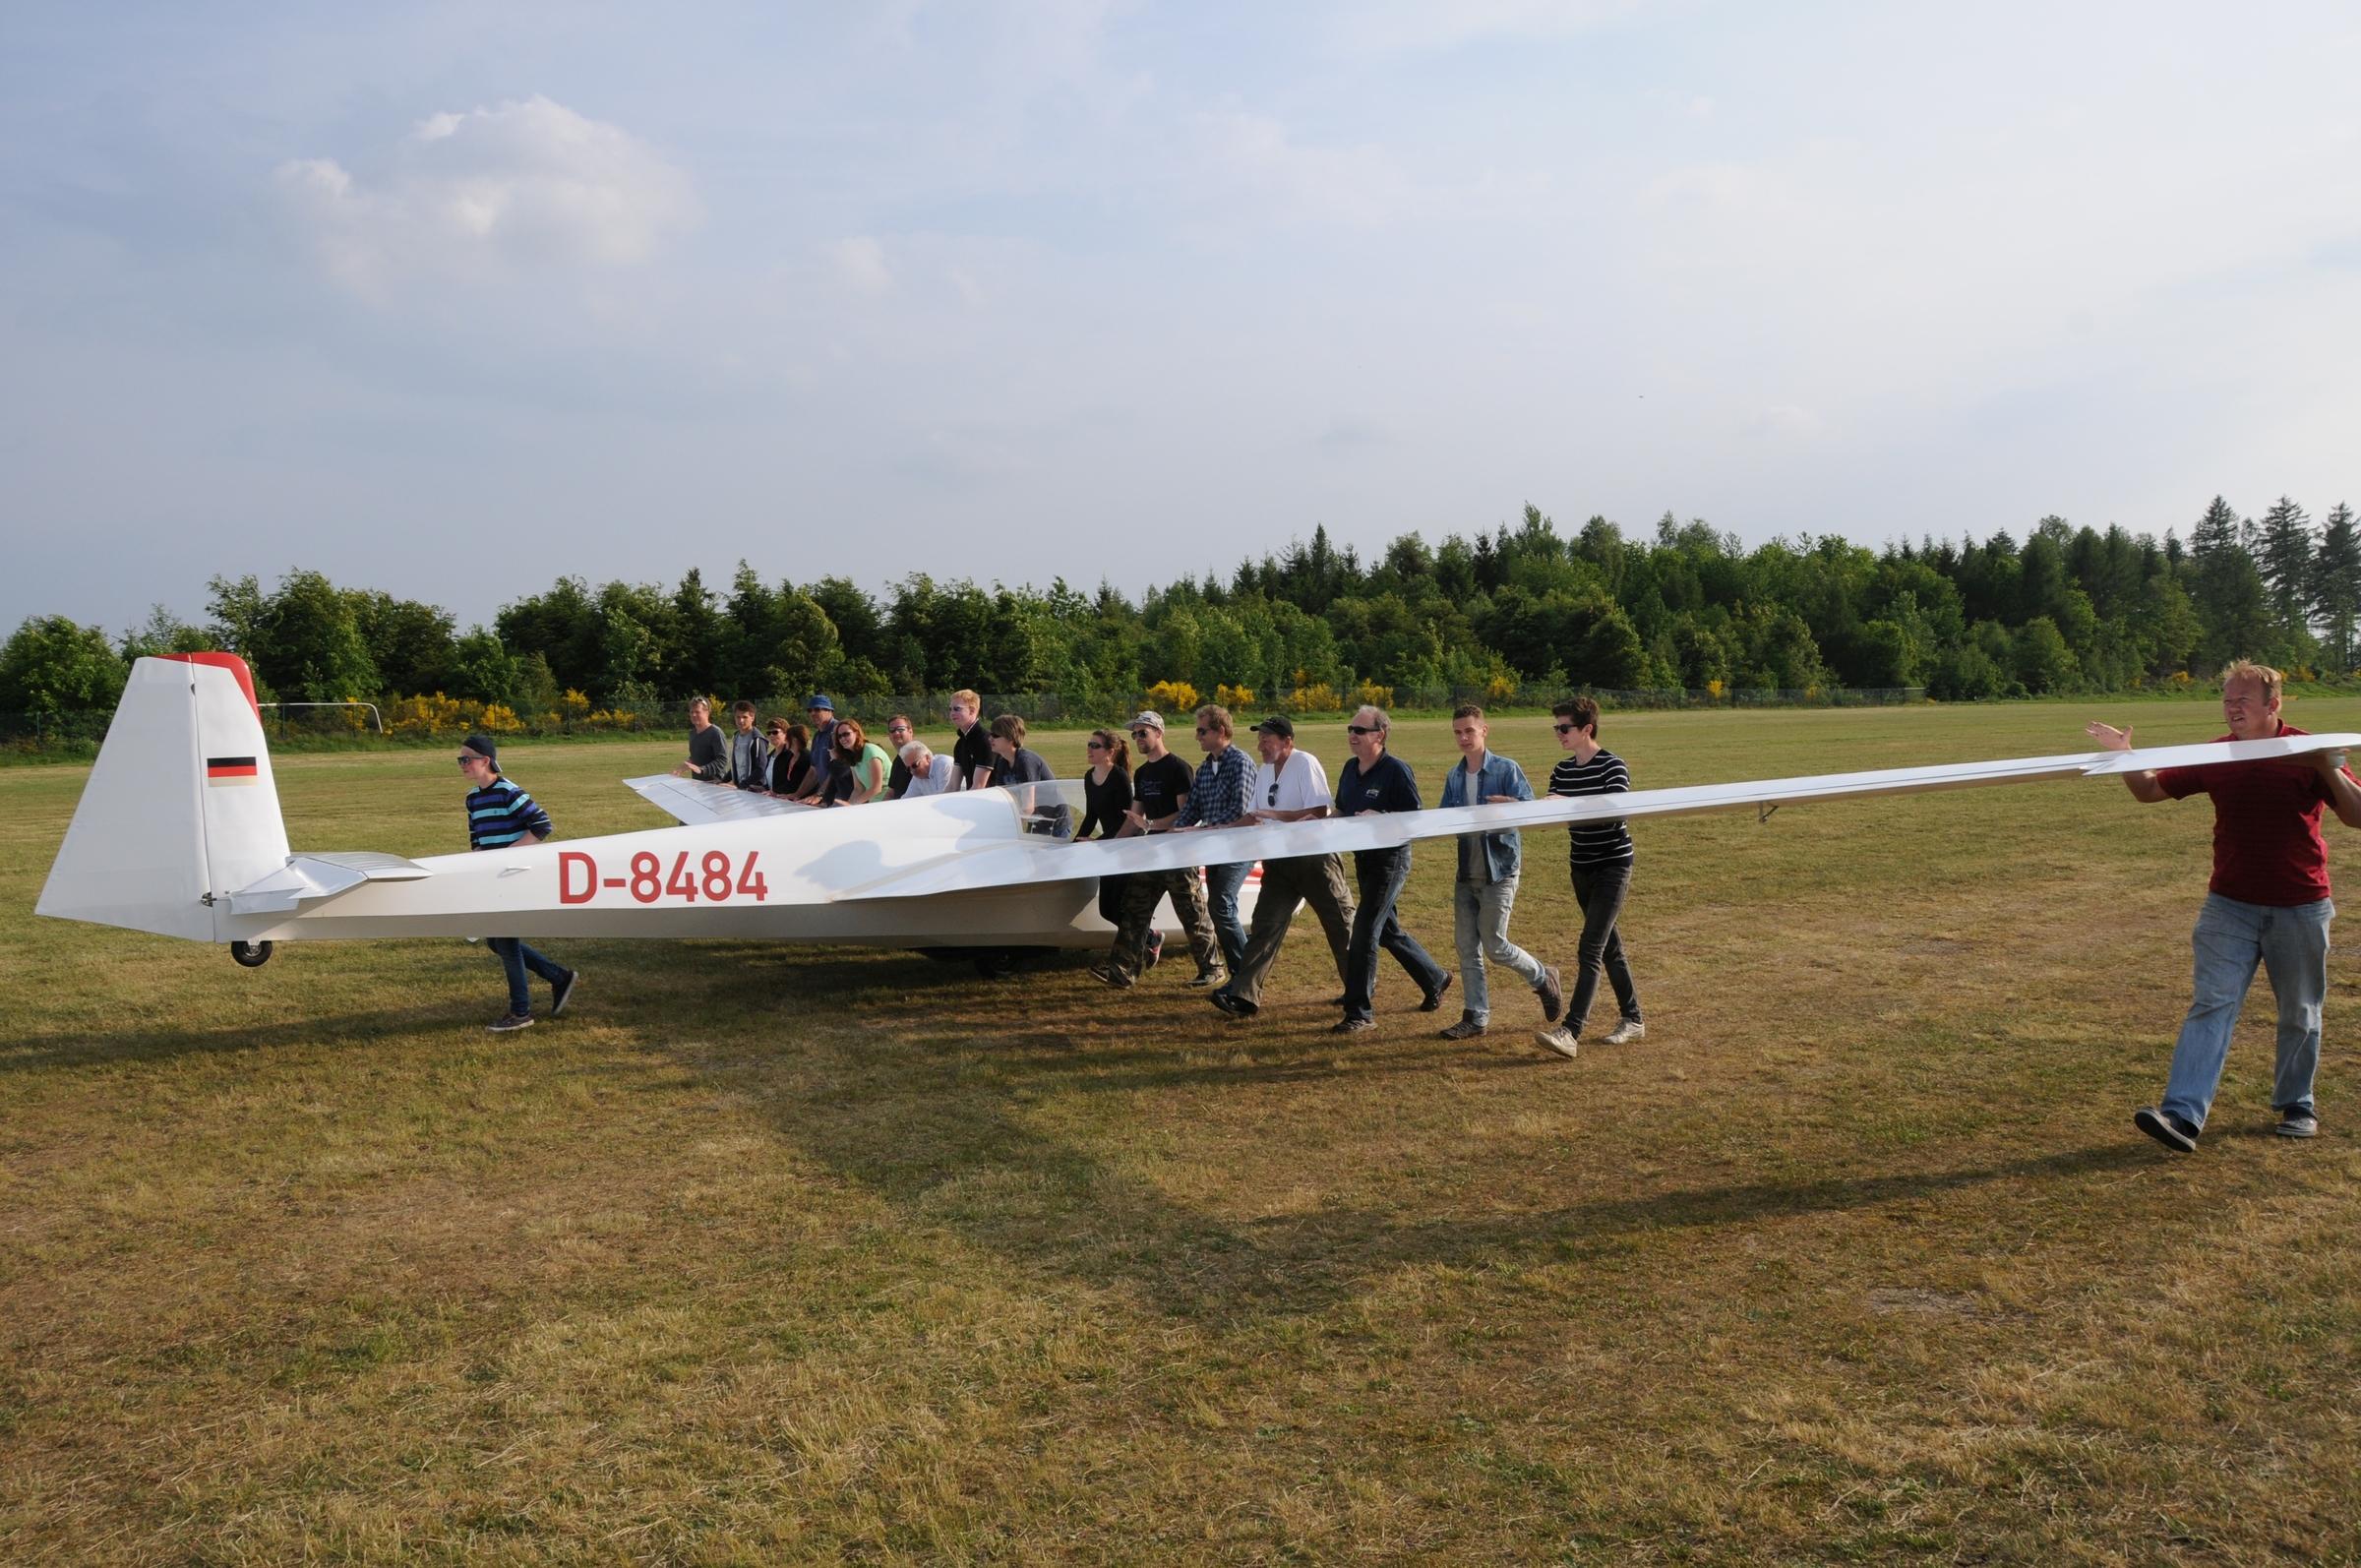 Einer fliegt - alle schieben - Segelfliegen ist Teamsport par excellence